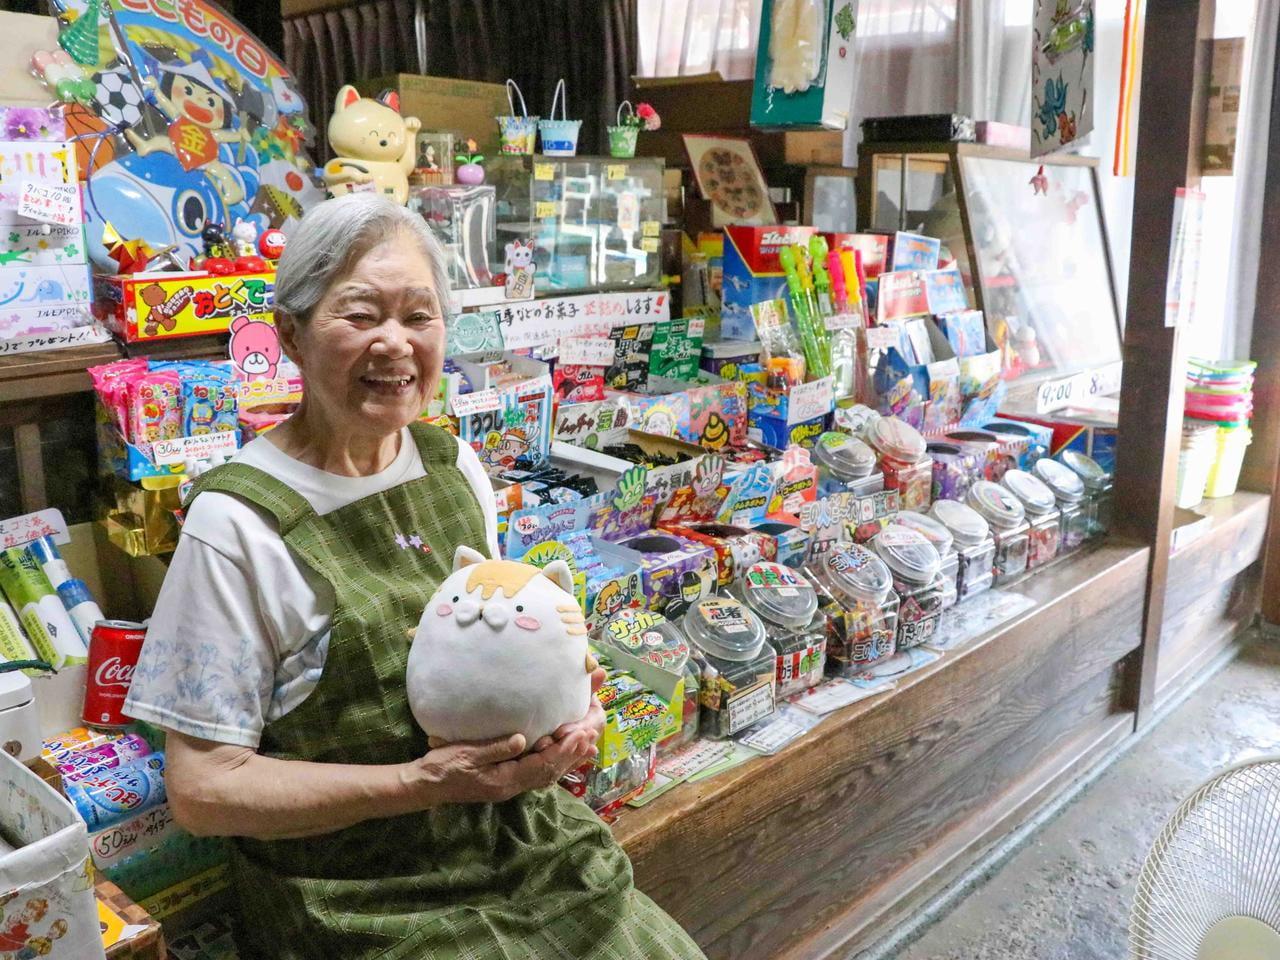 【姫路・加古川】レトロな駄菓子屋さん5選!なつかしさ満点で大人も子どもも大満足